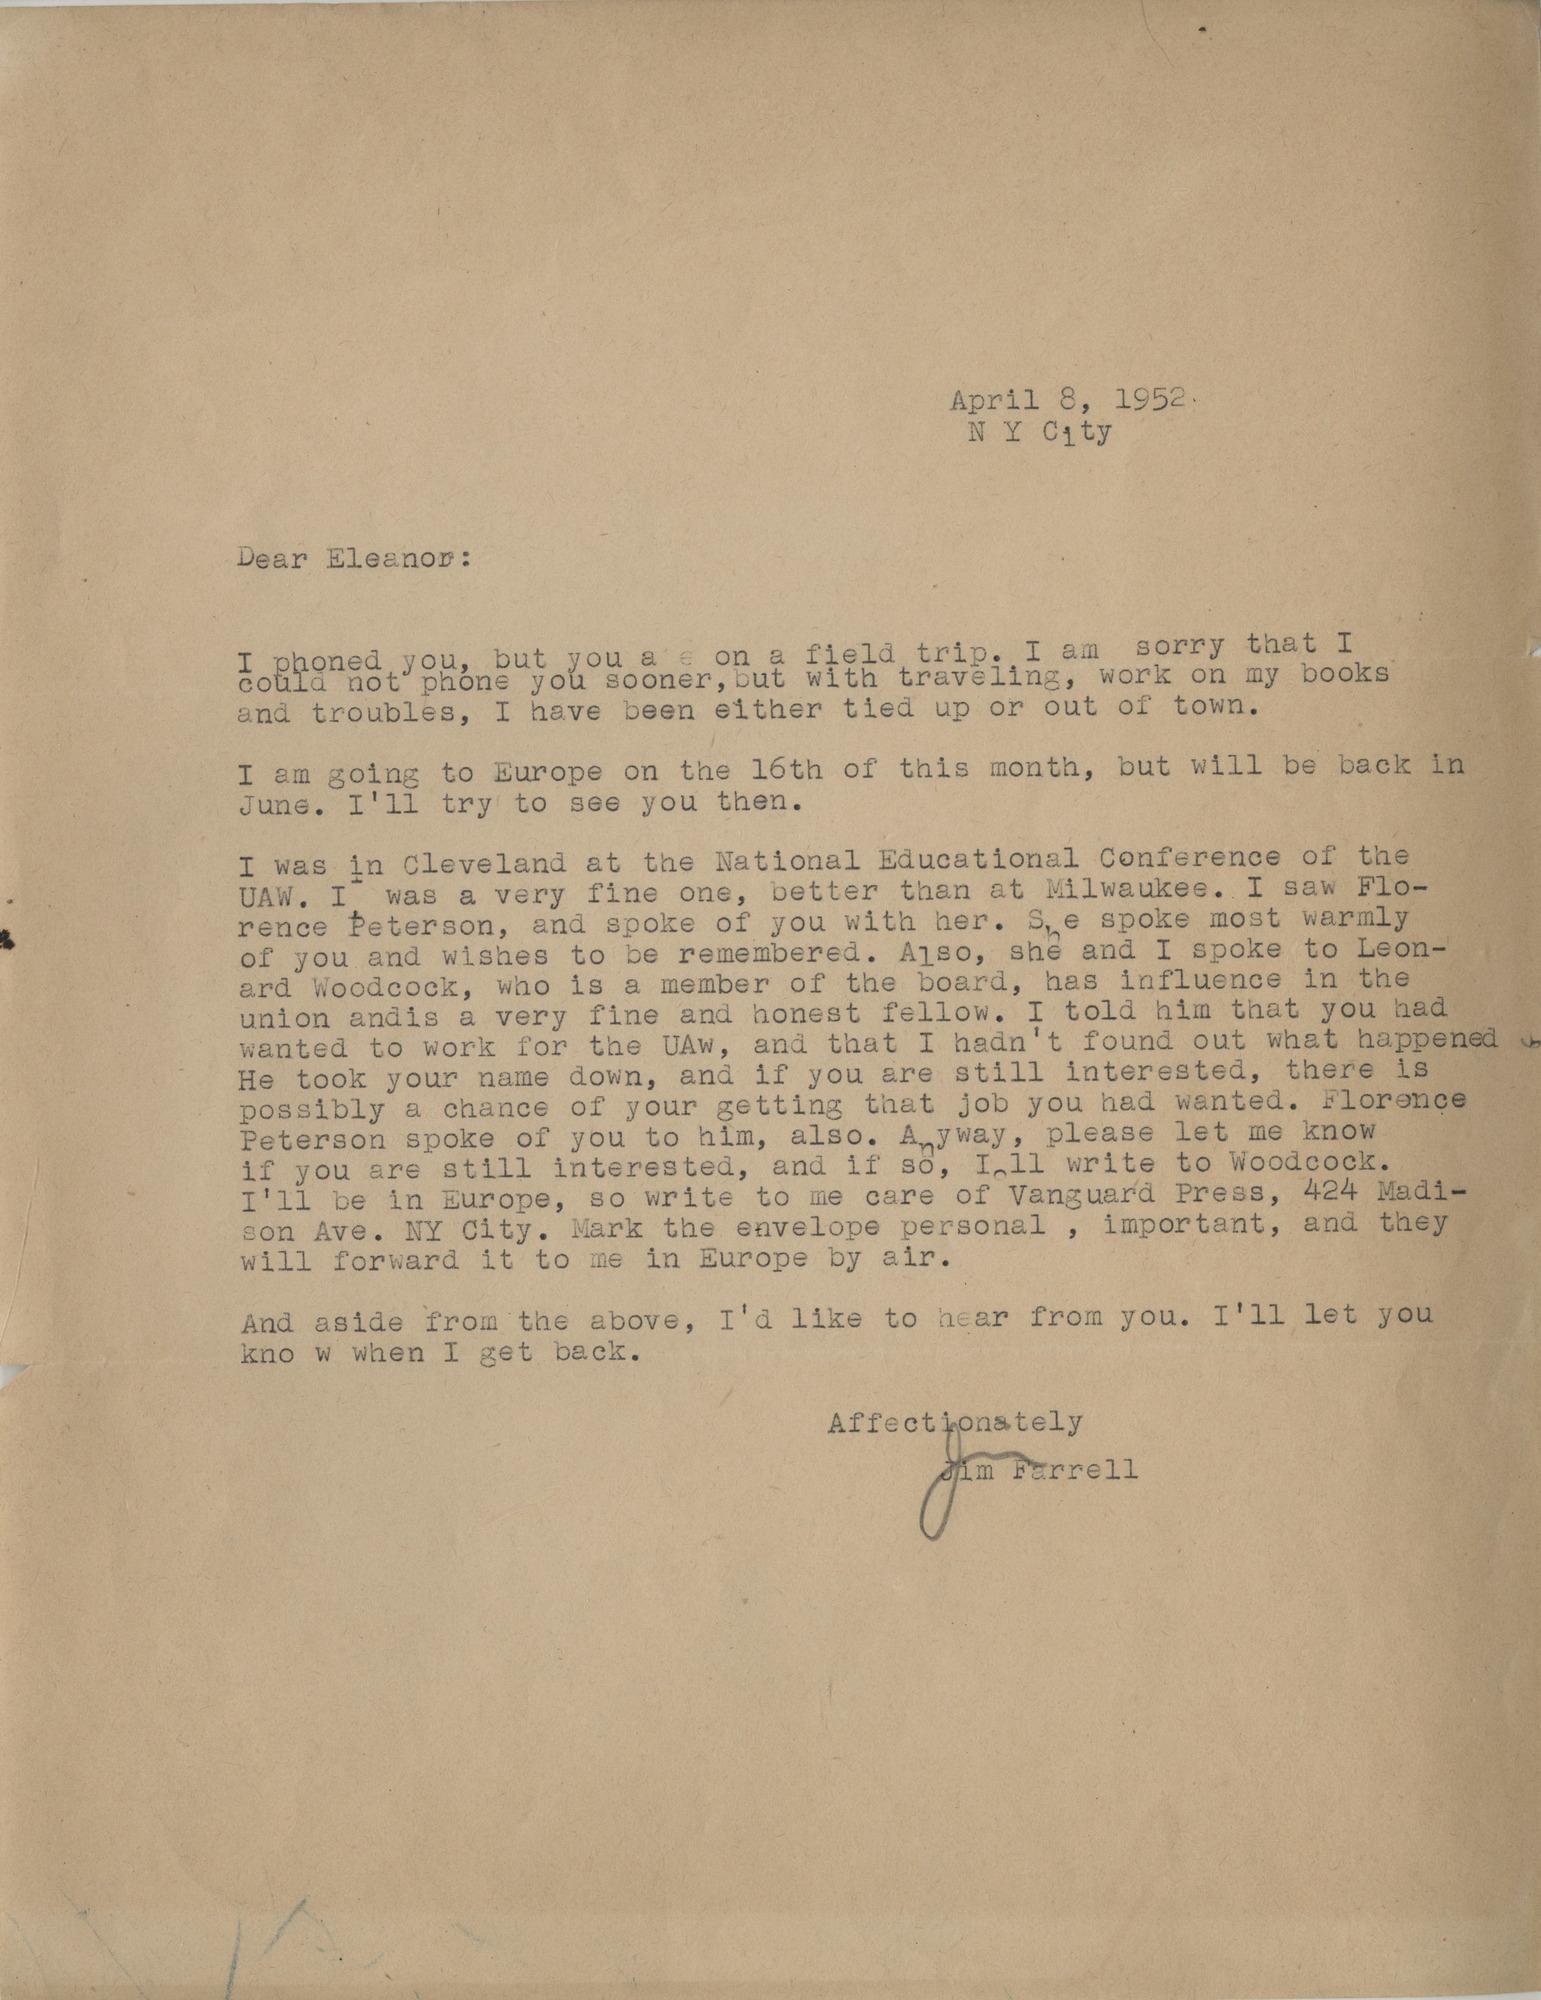 Ms2017_005_FarrelltoAnderson_Letter_1952_0408.jpg